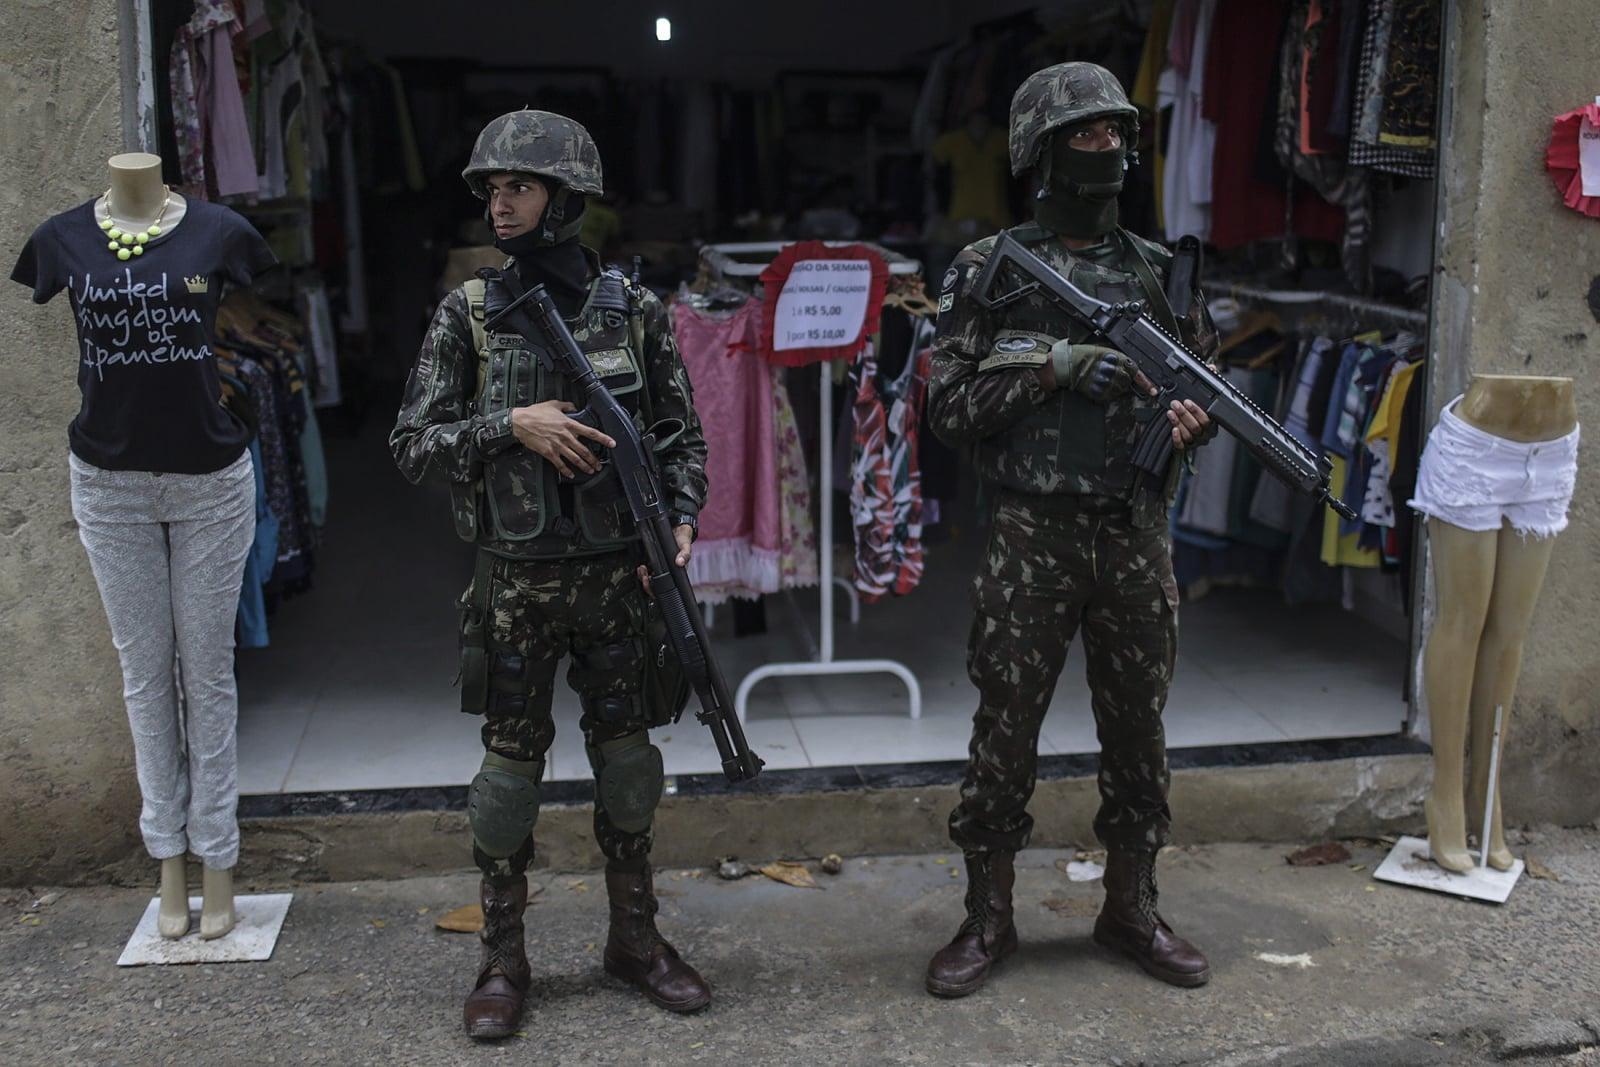 Żołnierze patrolują fawele w Brazylii.